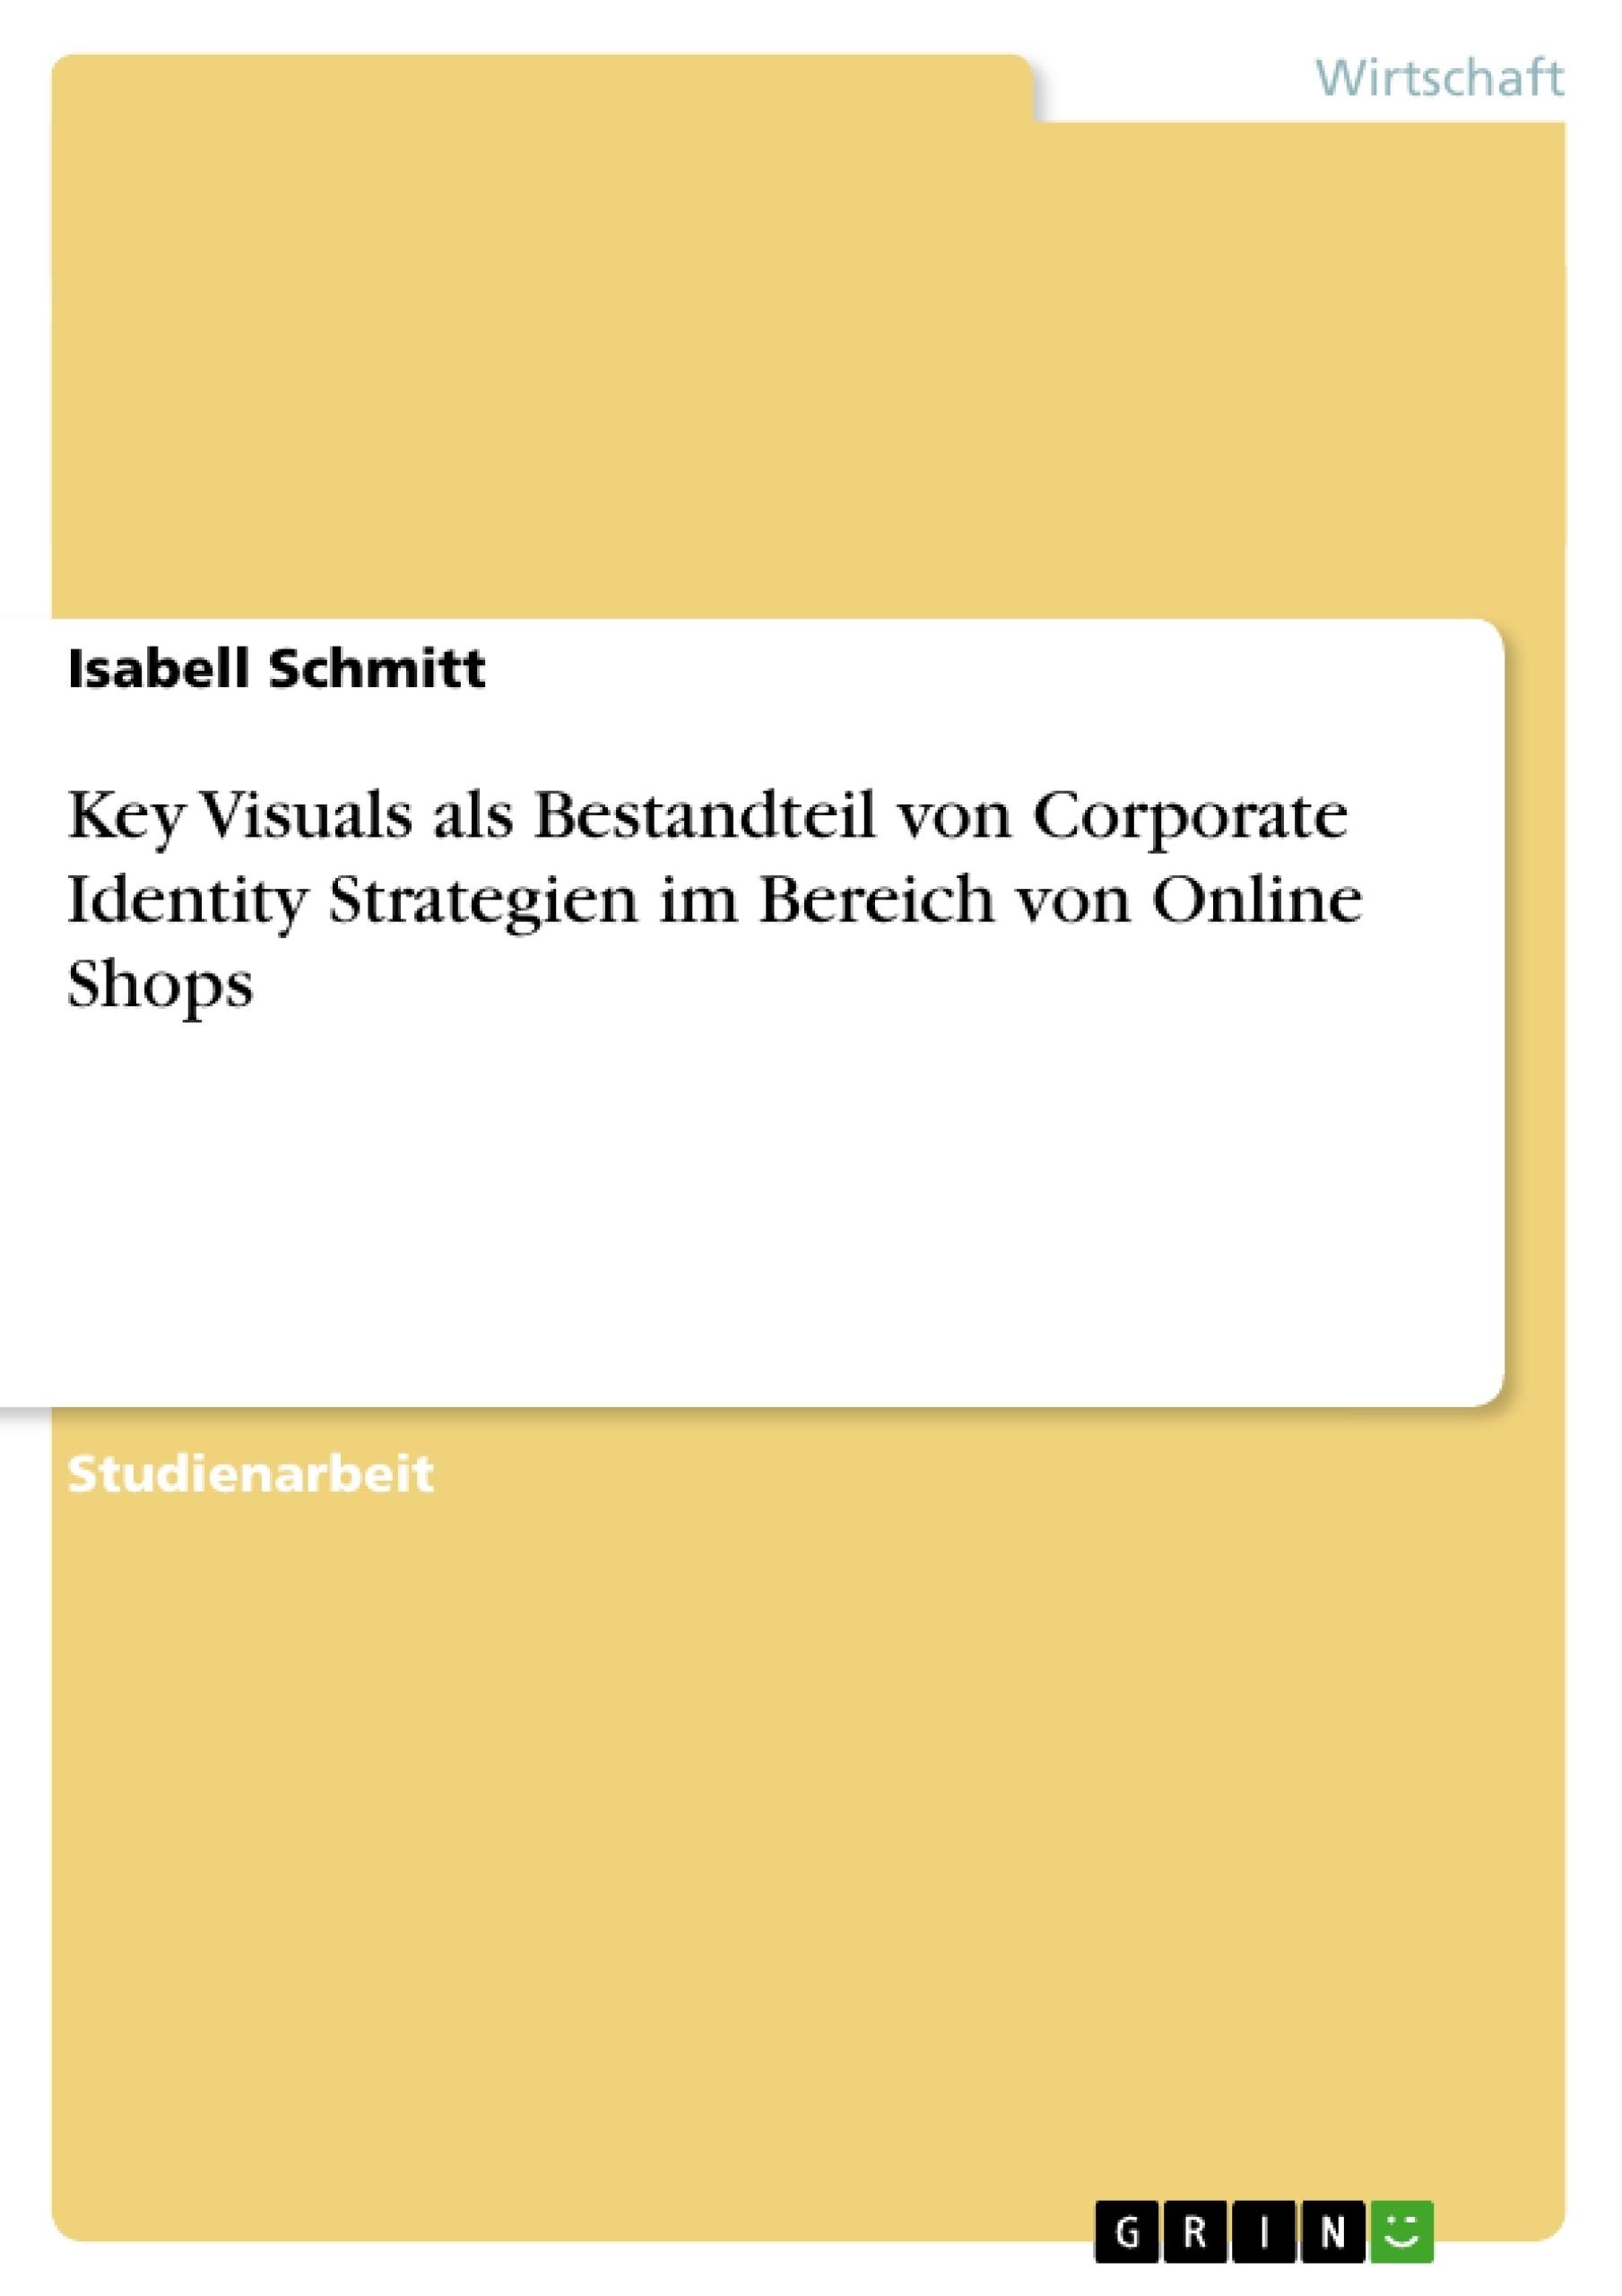 Titel: Key Visuals als Bestandteil von Corporate Identity Strategien im Bereich von Online Shops